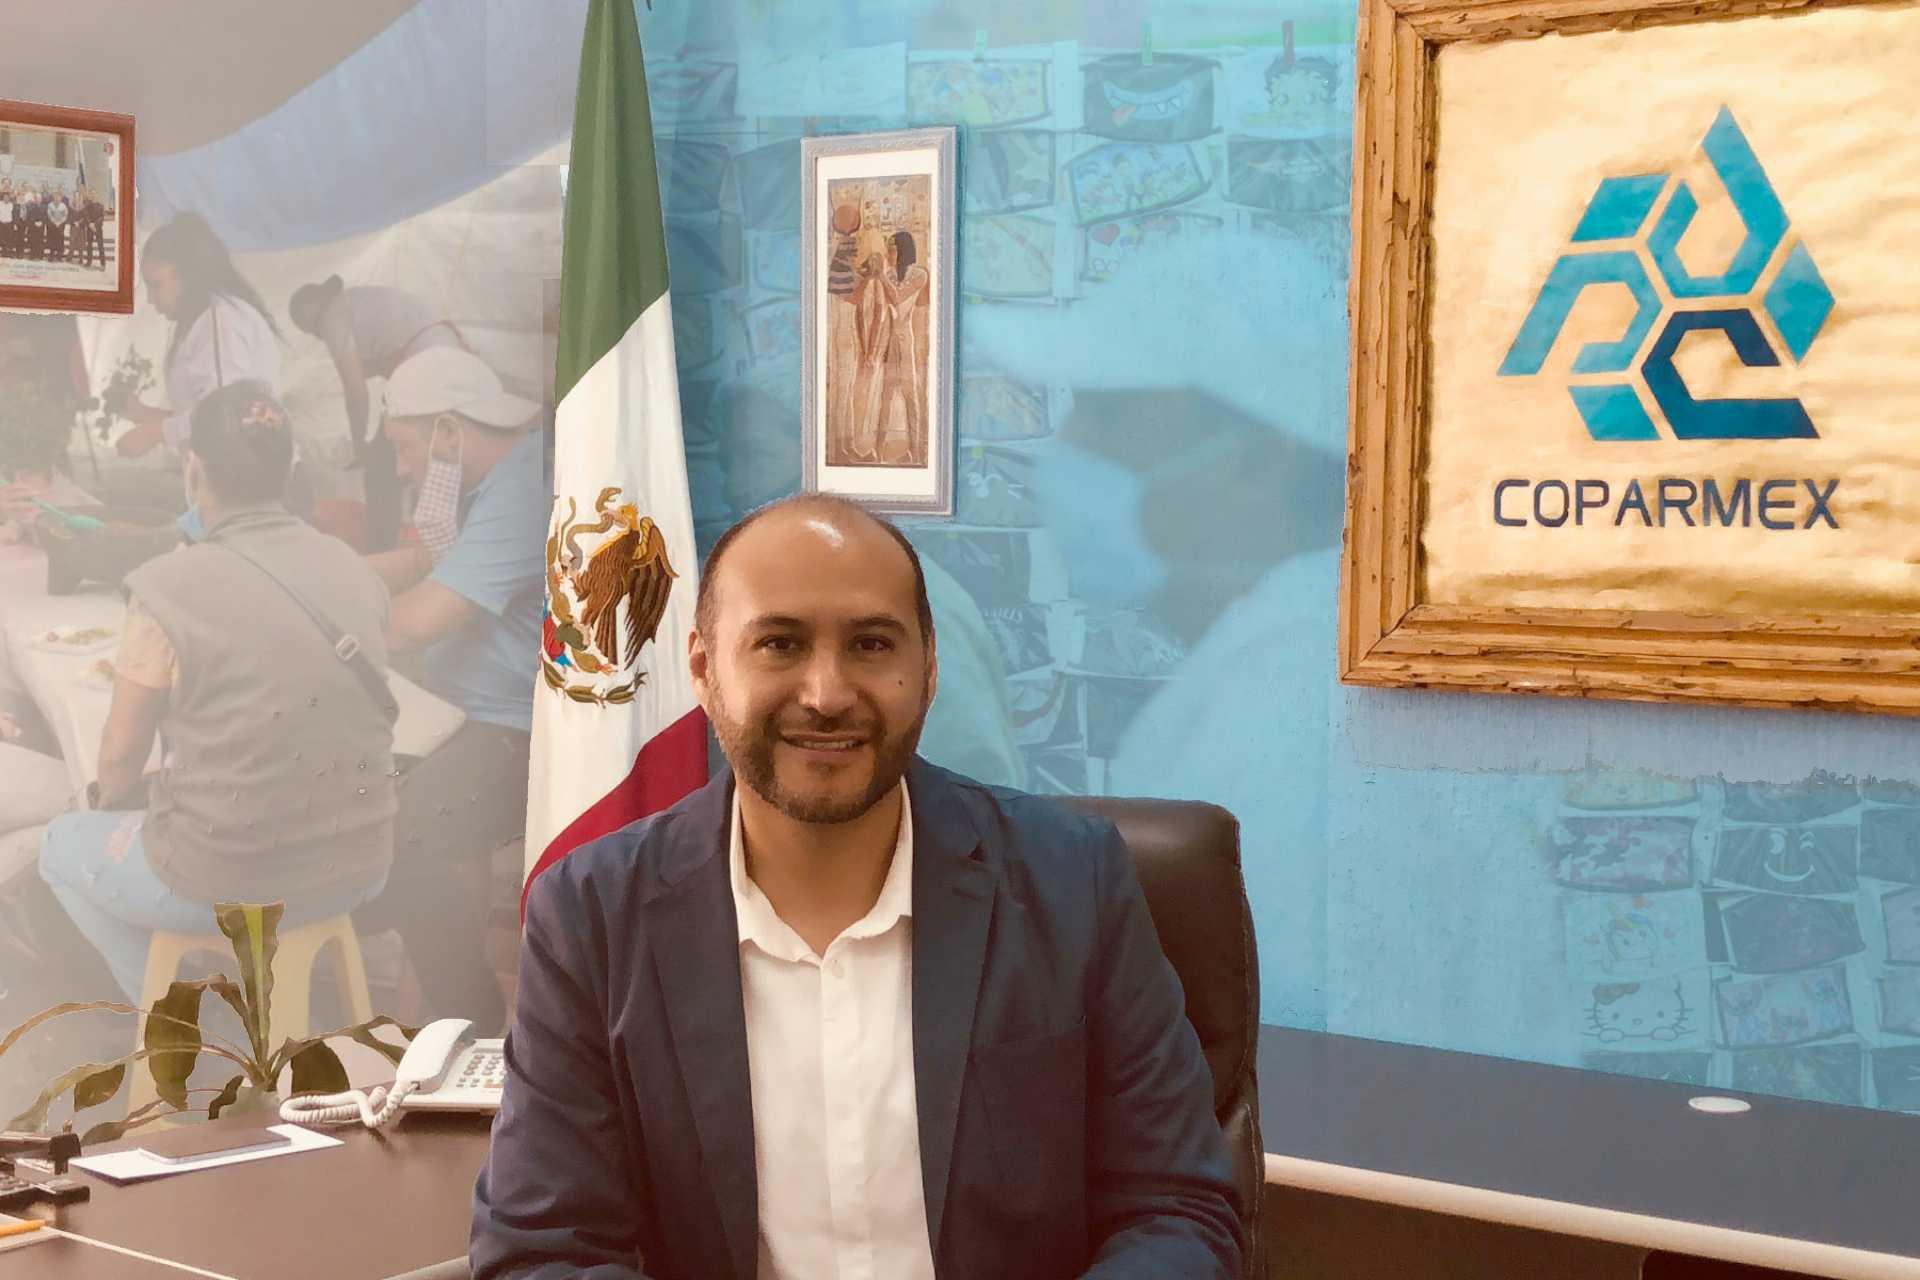 Coparmex-Tlaxcala-Medidas-Covid-19-Coronavirus-Segunda ola-Comercio formal-Comercio informal